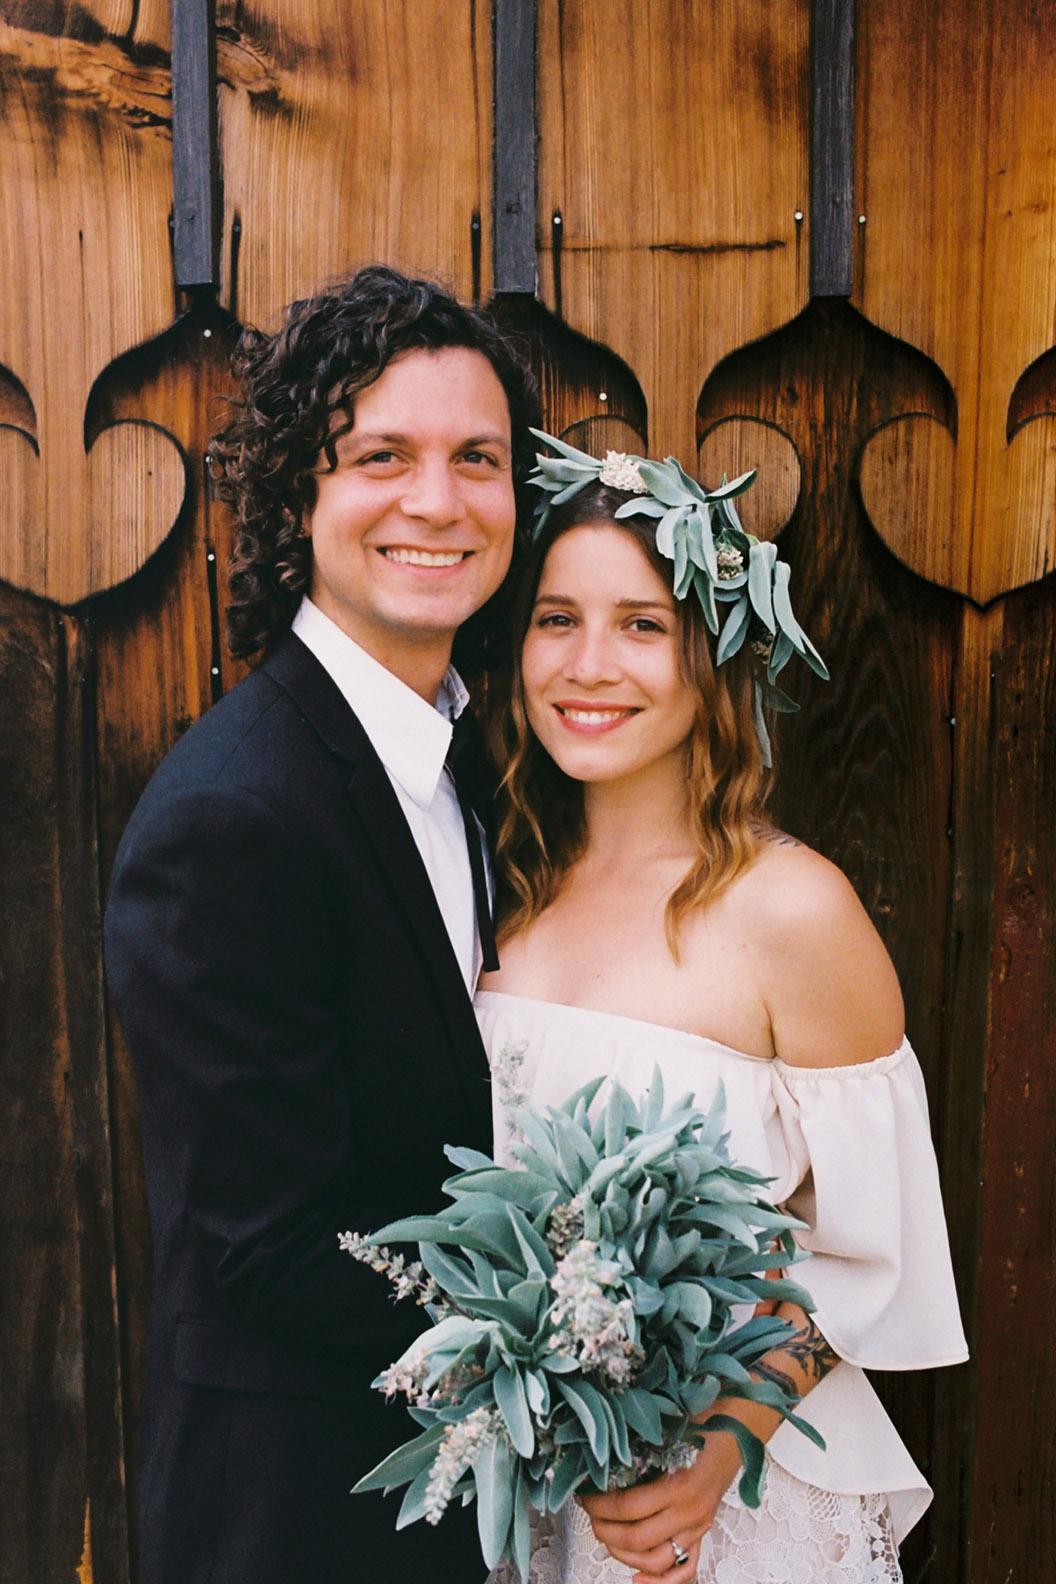 Miller and Renee portrait  wood wall.jpg